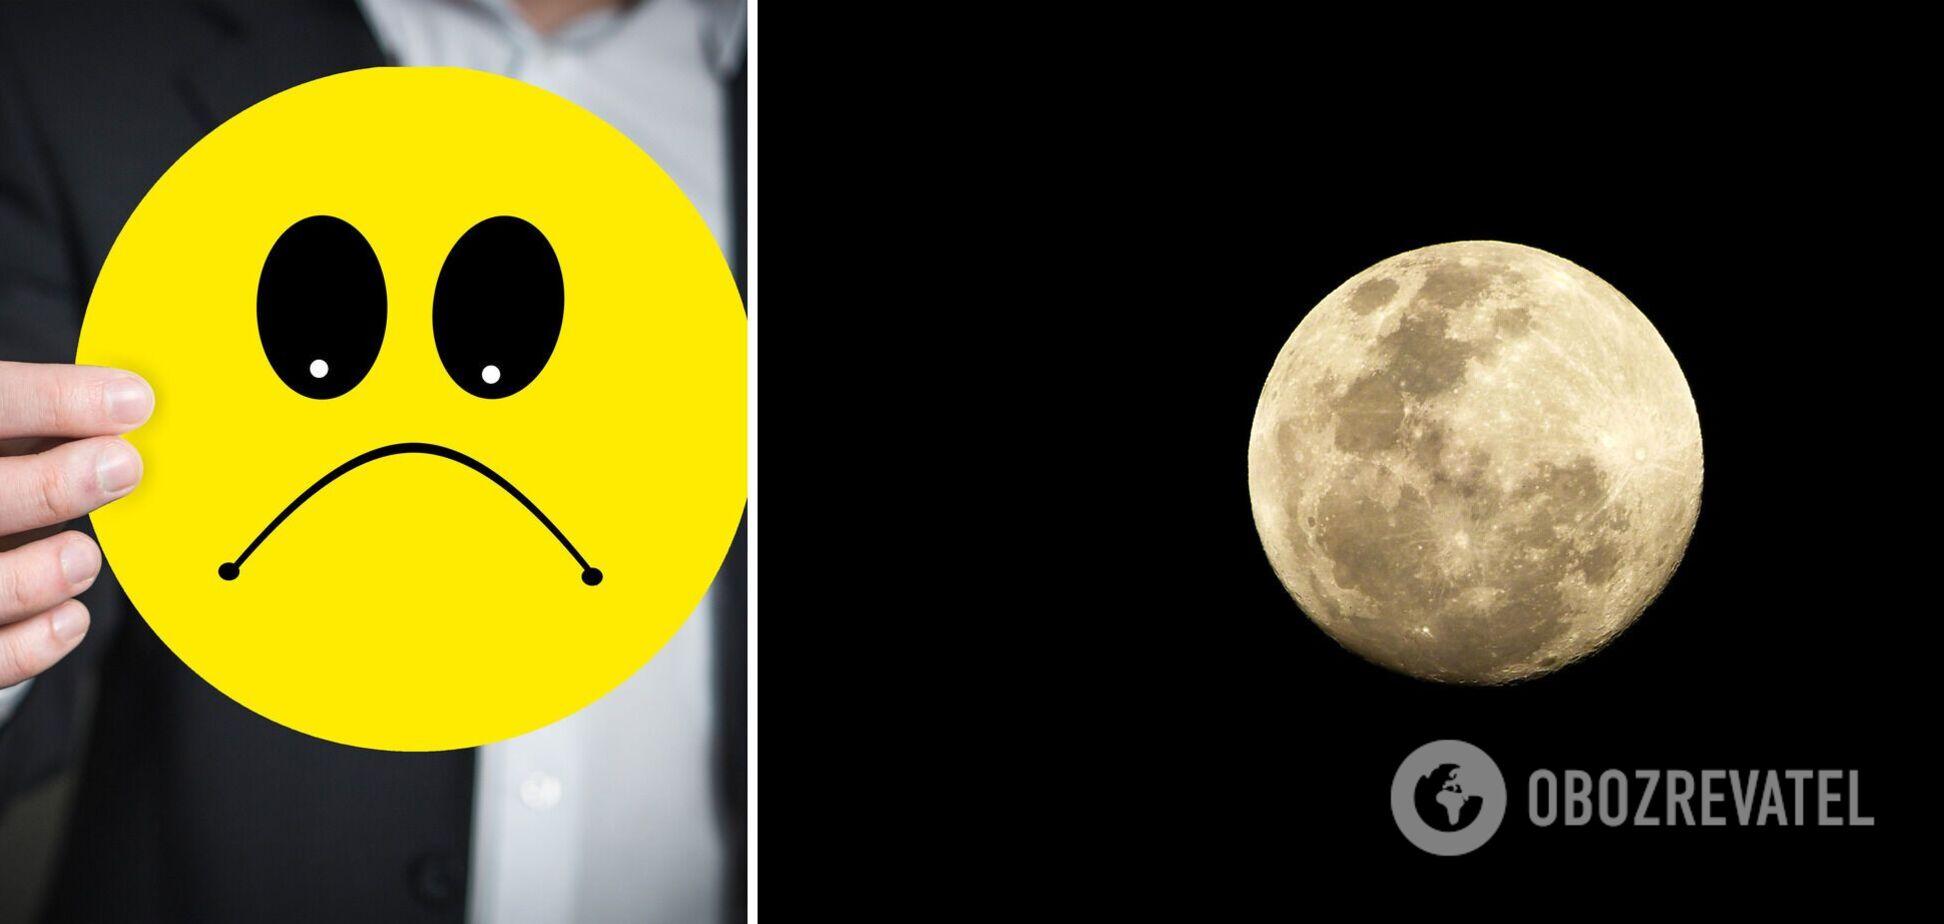 Астрологічний прогноз на 24 червня - день повного Місяця